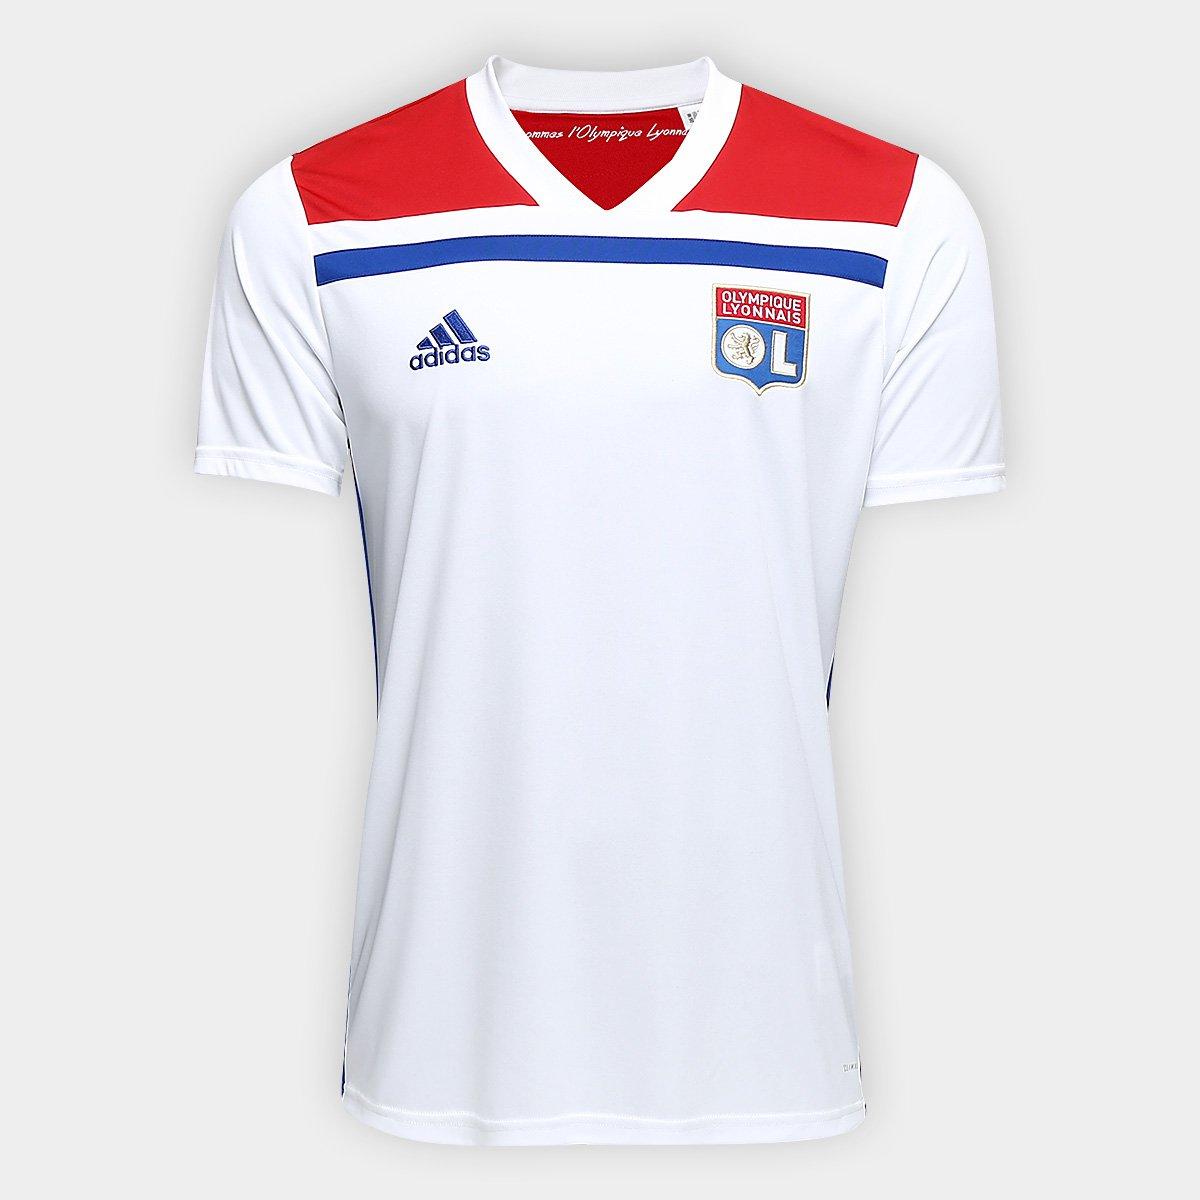 10bdc7a9e4 Camisa Lyon Home 2018 s/n° - Torcedor Adidas Masculina - Branco e Vermelho    Allianz Parque Shop